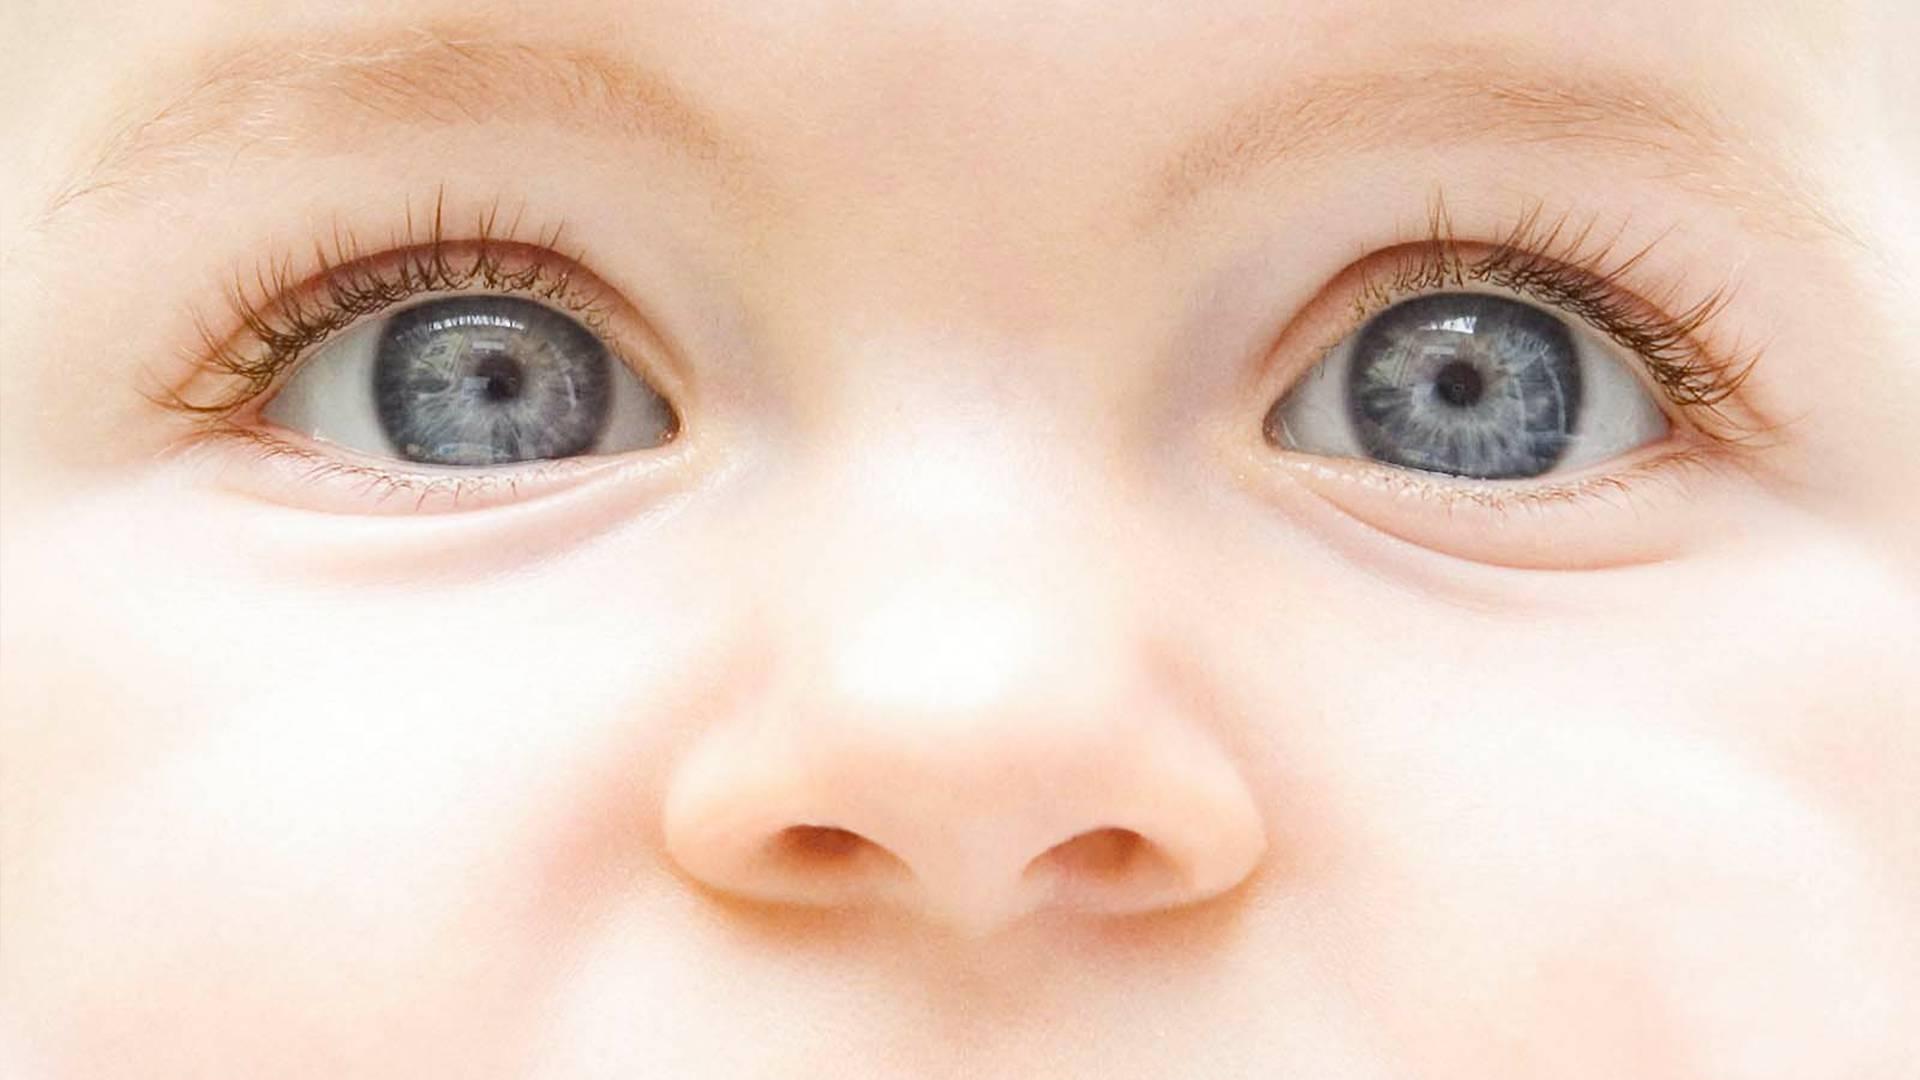 Причины детского конъюнктивита могут быть разными